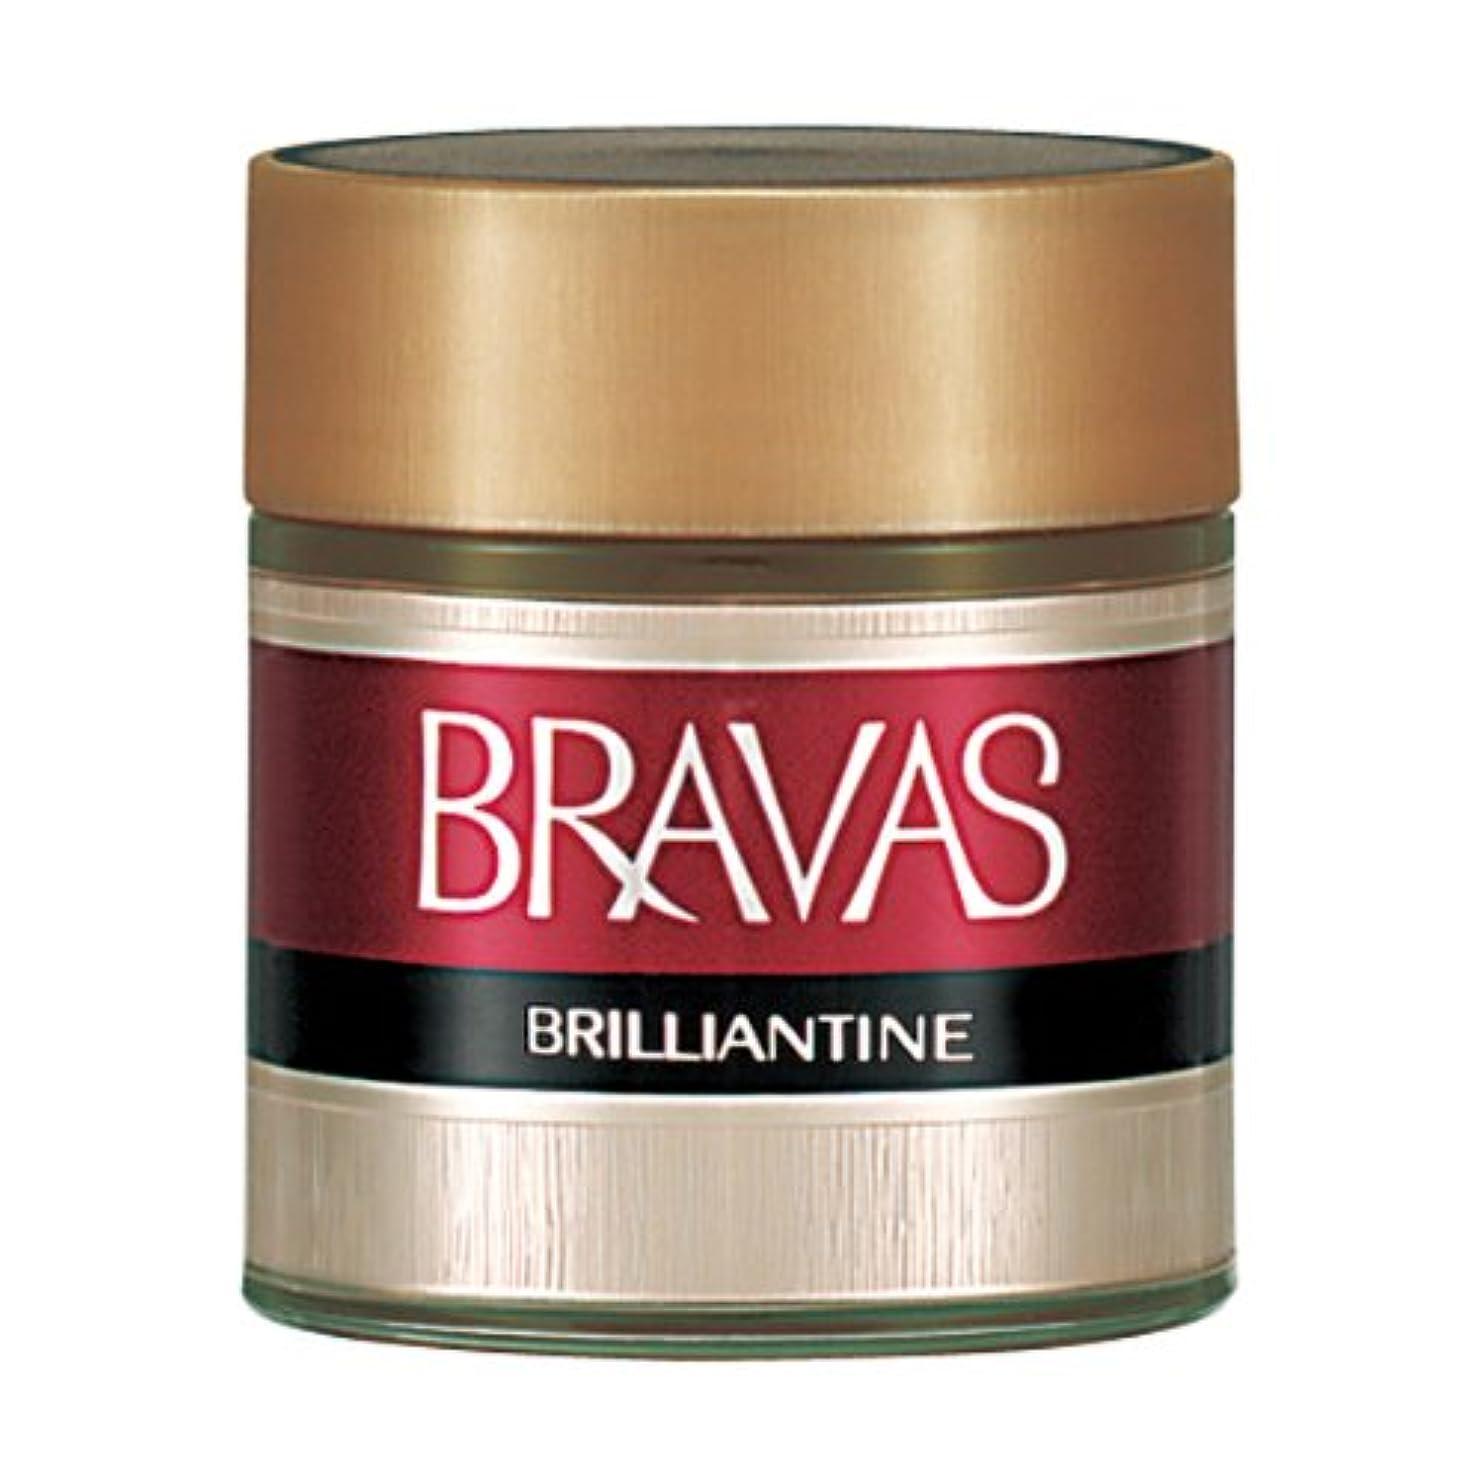 魅力的シプリーわかるブラバス ブリランチン 85g